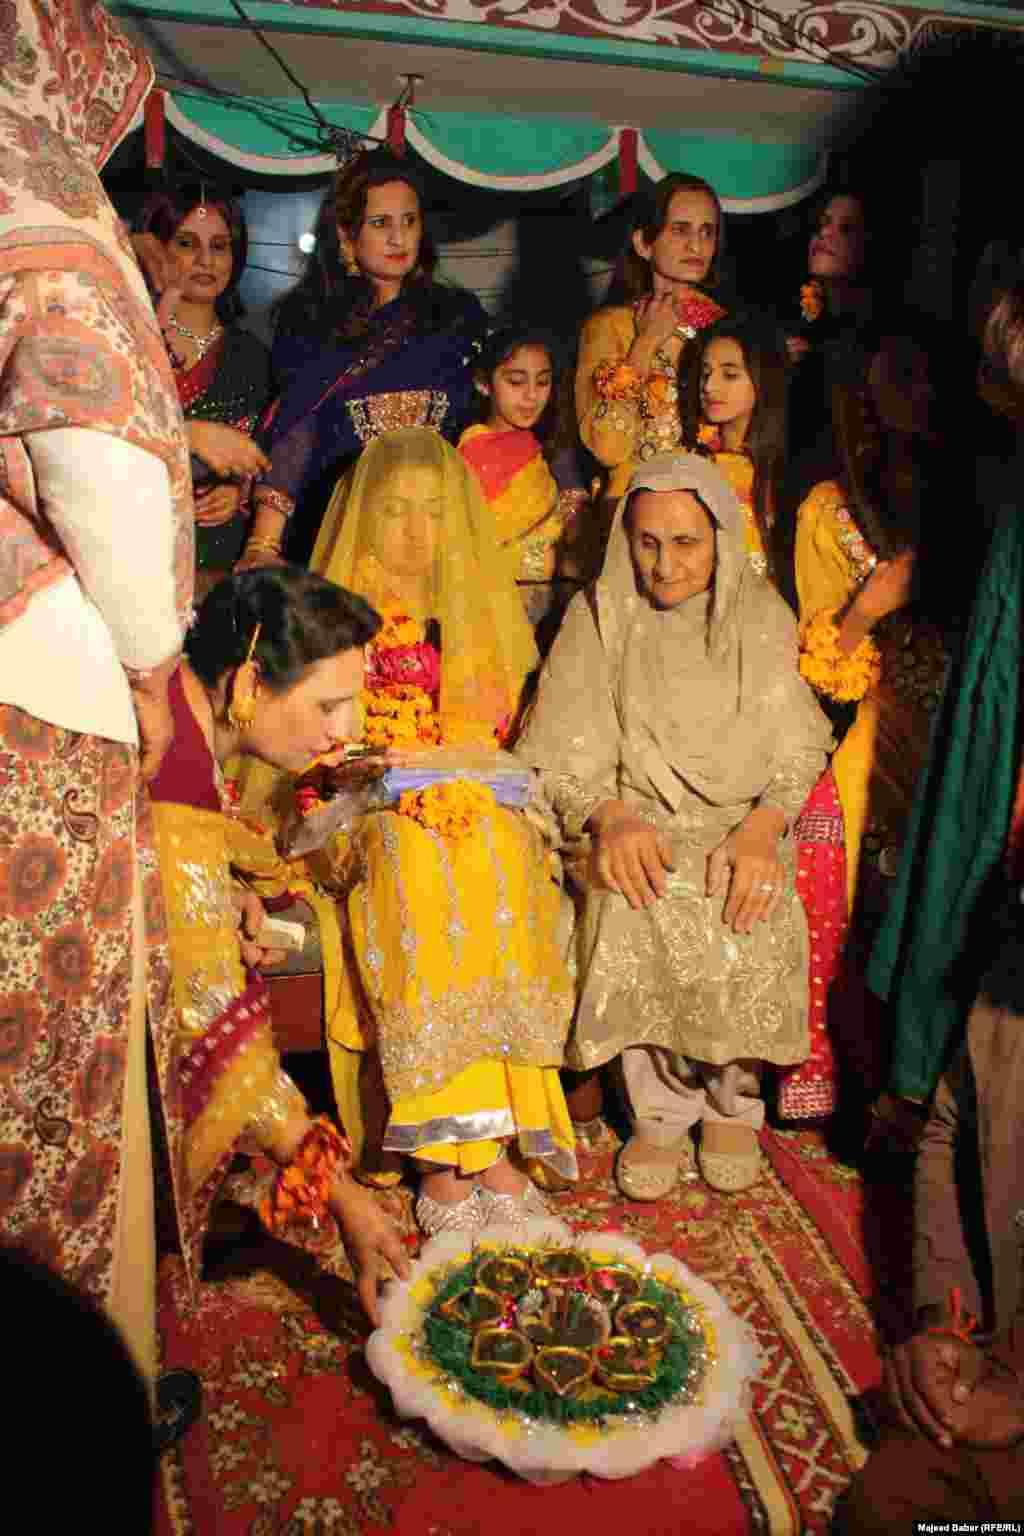 Elderly women apply henna to the bride's feet.